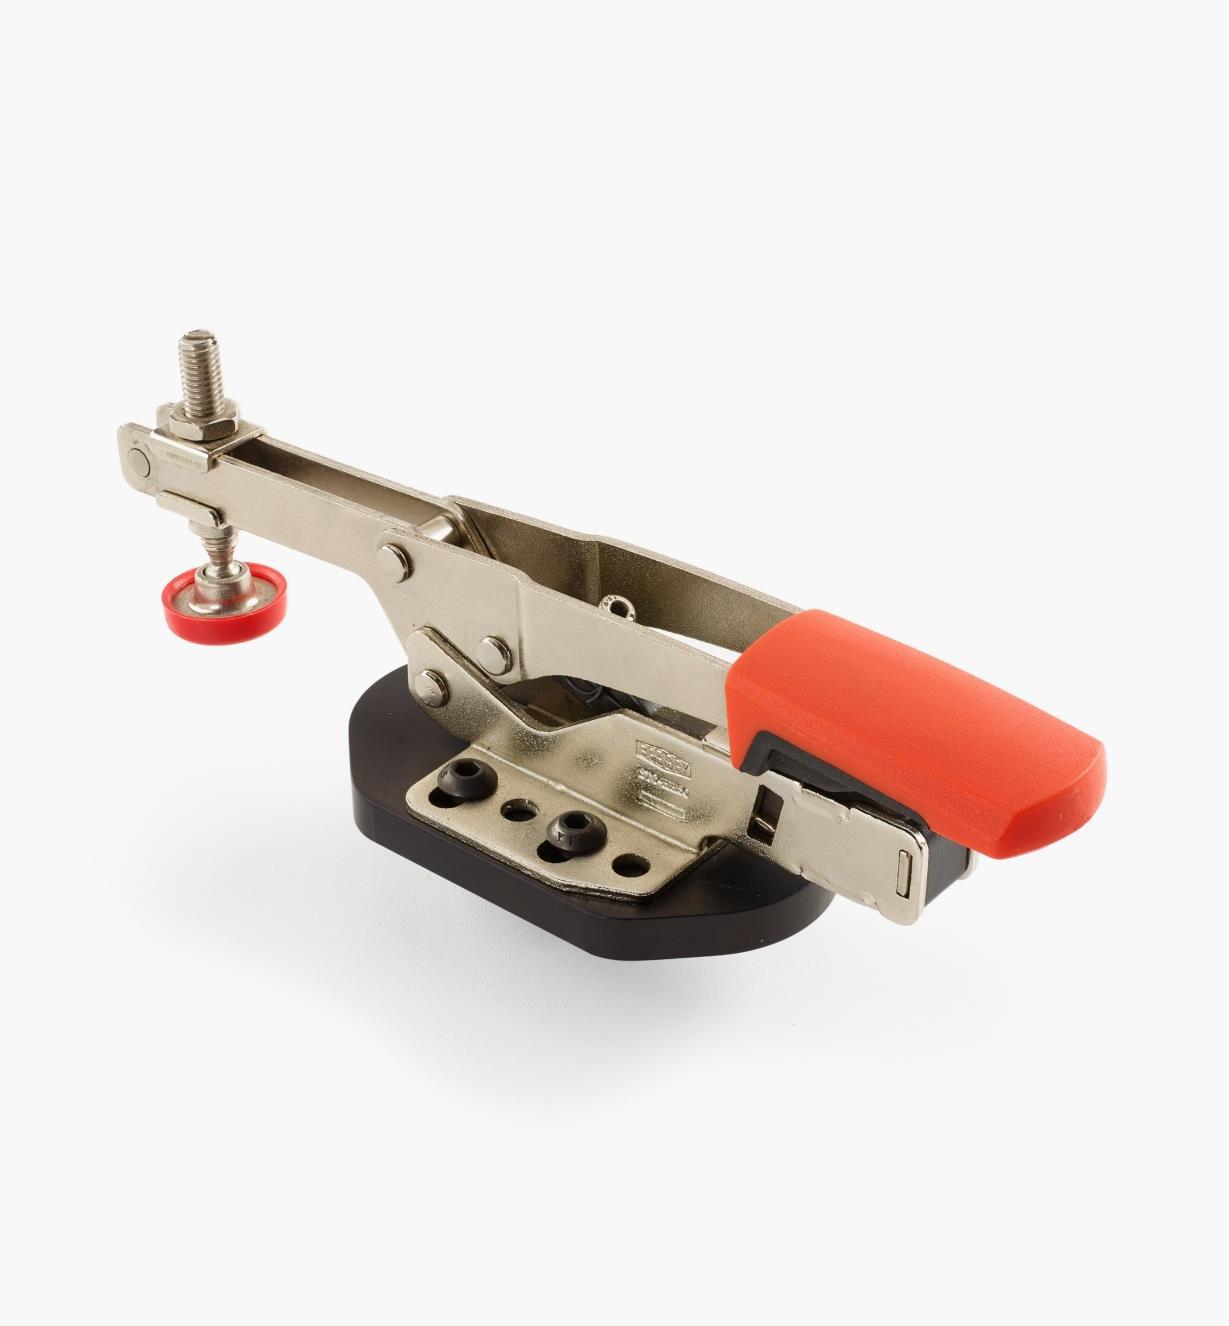 50F0121 - Sauterelle horizontale modèle bas, avec plaque de fixation, tige de 20mm